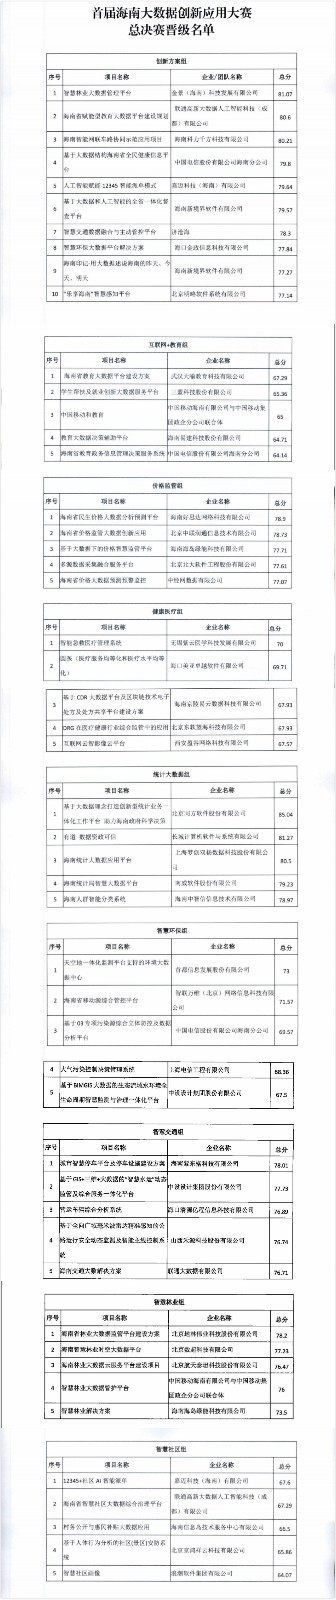 首届海南大数据创新应用大赛初赛路演结束 决赛晋级名单公布